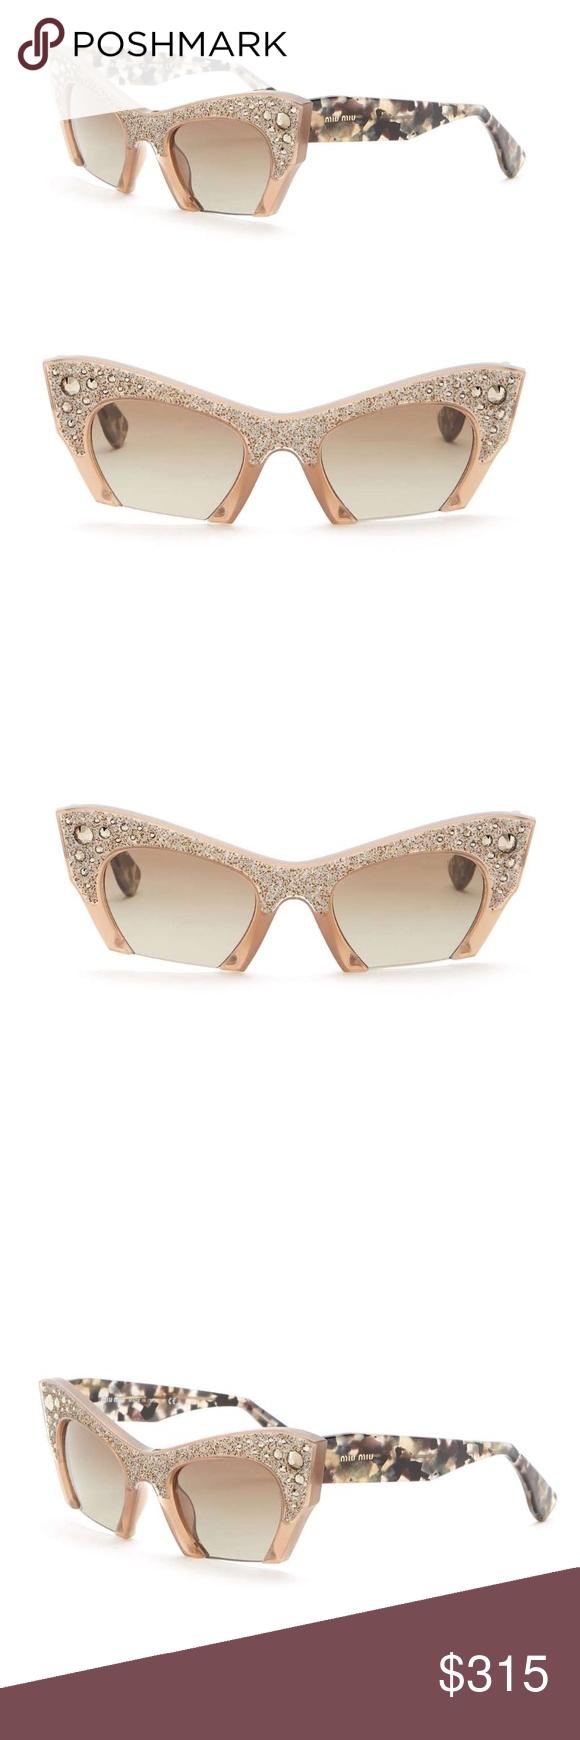 6464fd76d82e Miu Miu Rasoir Crystal Rock Half Rim Sunglasses The Miu Miu offers a bold